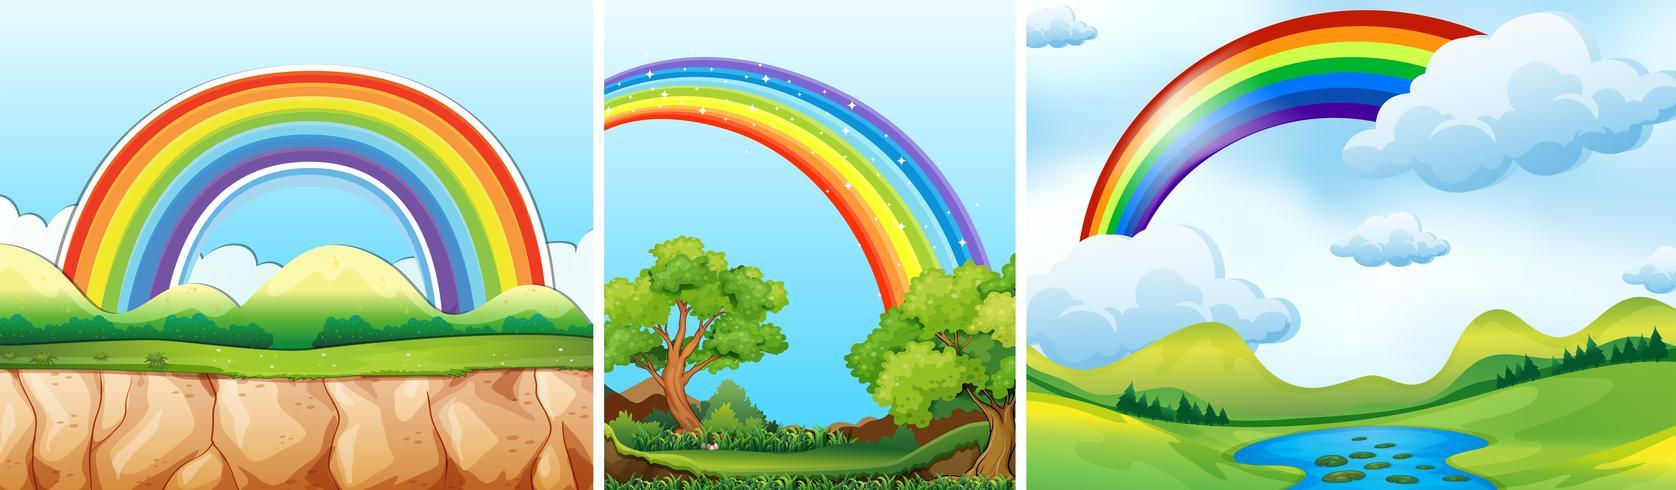 Cenas da natureza com arco-íris